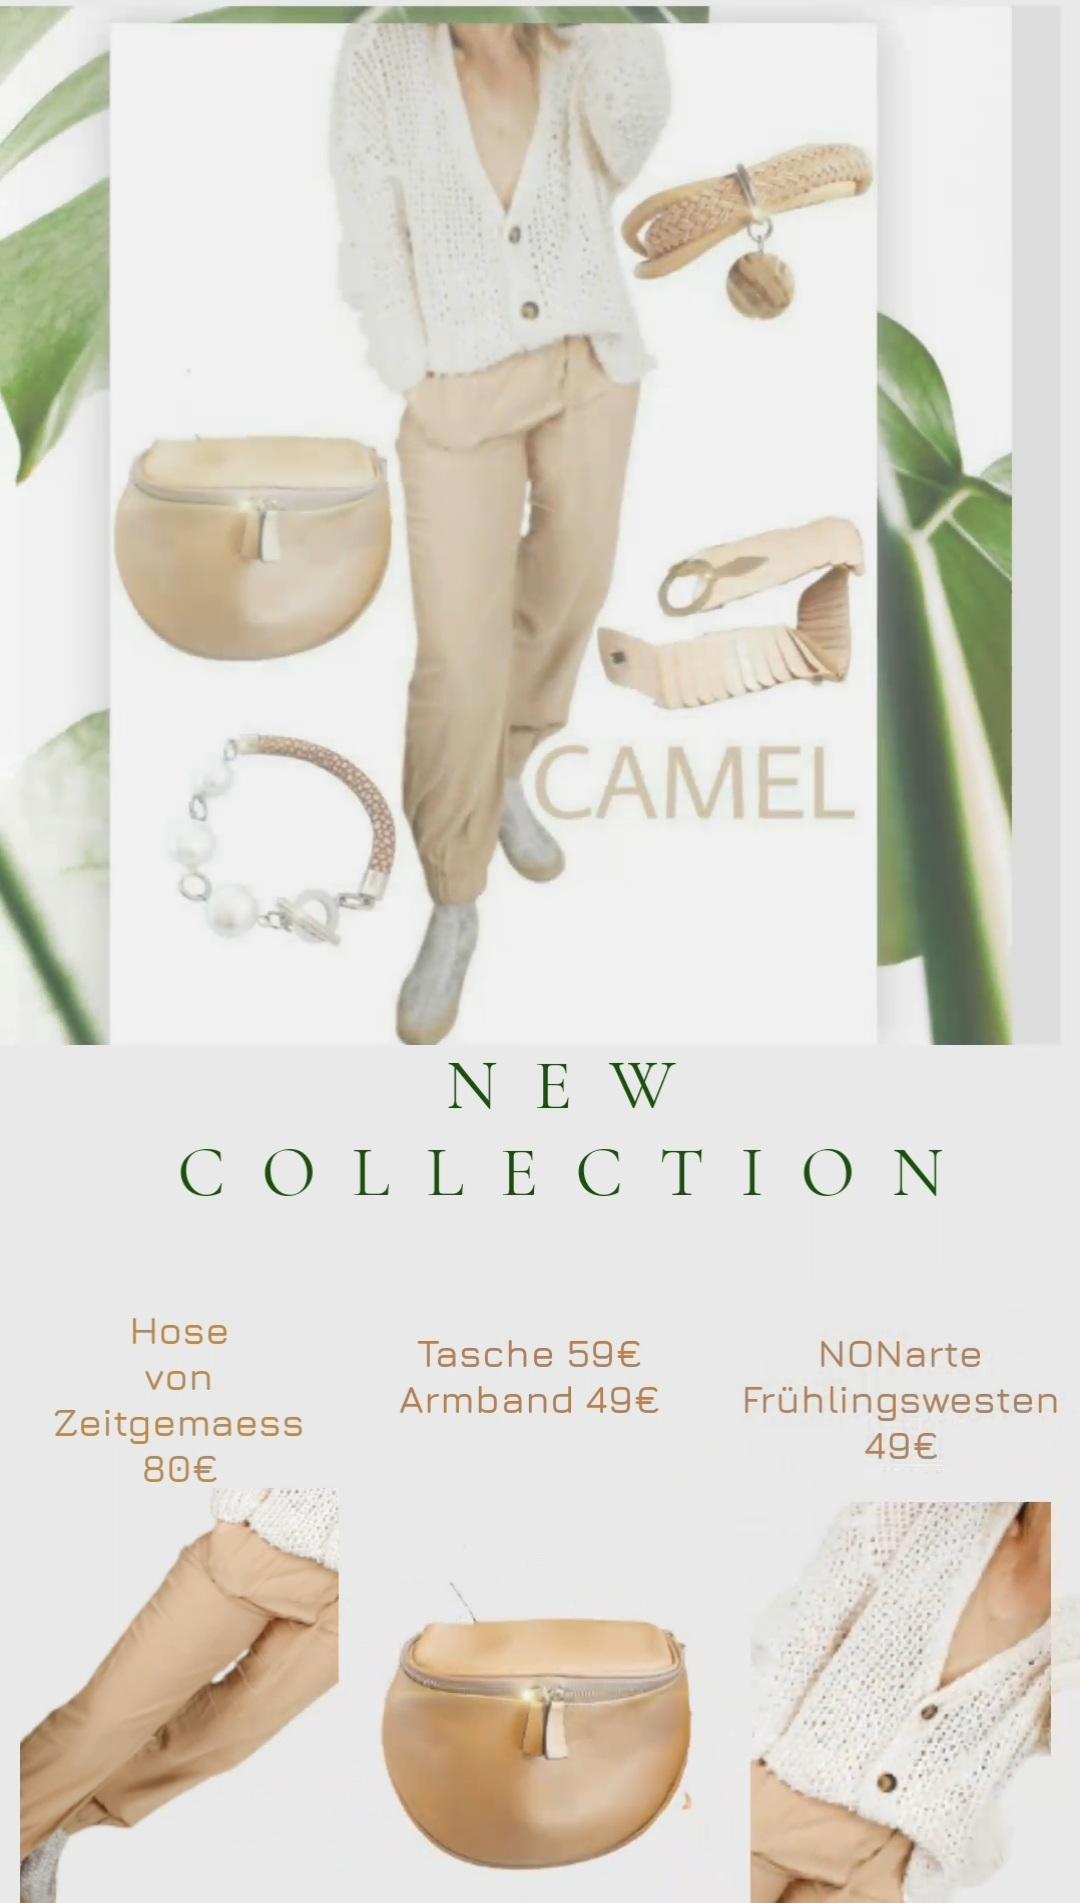 Taschen, Gürtel, Schals und Schmuck in der Trendfarbe Camel